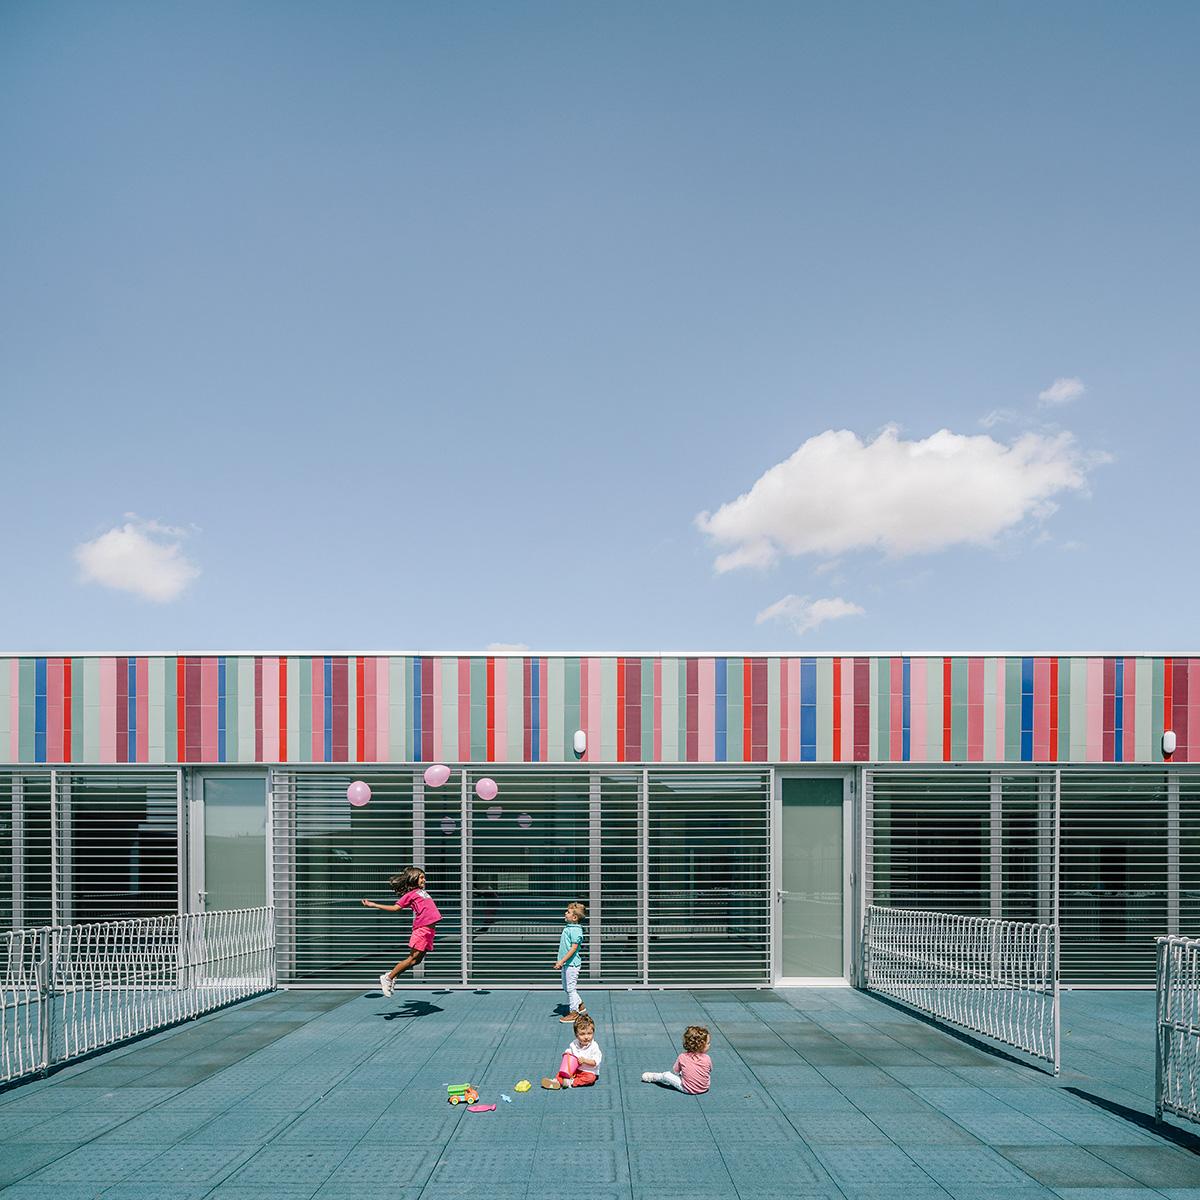 06-colegio-casi-invisible-ablm-arquitectos-foto-miguel-de-guzman